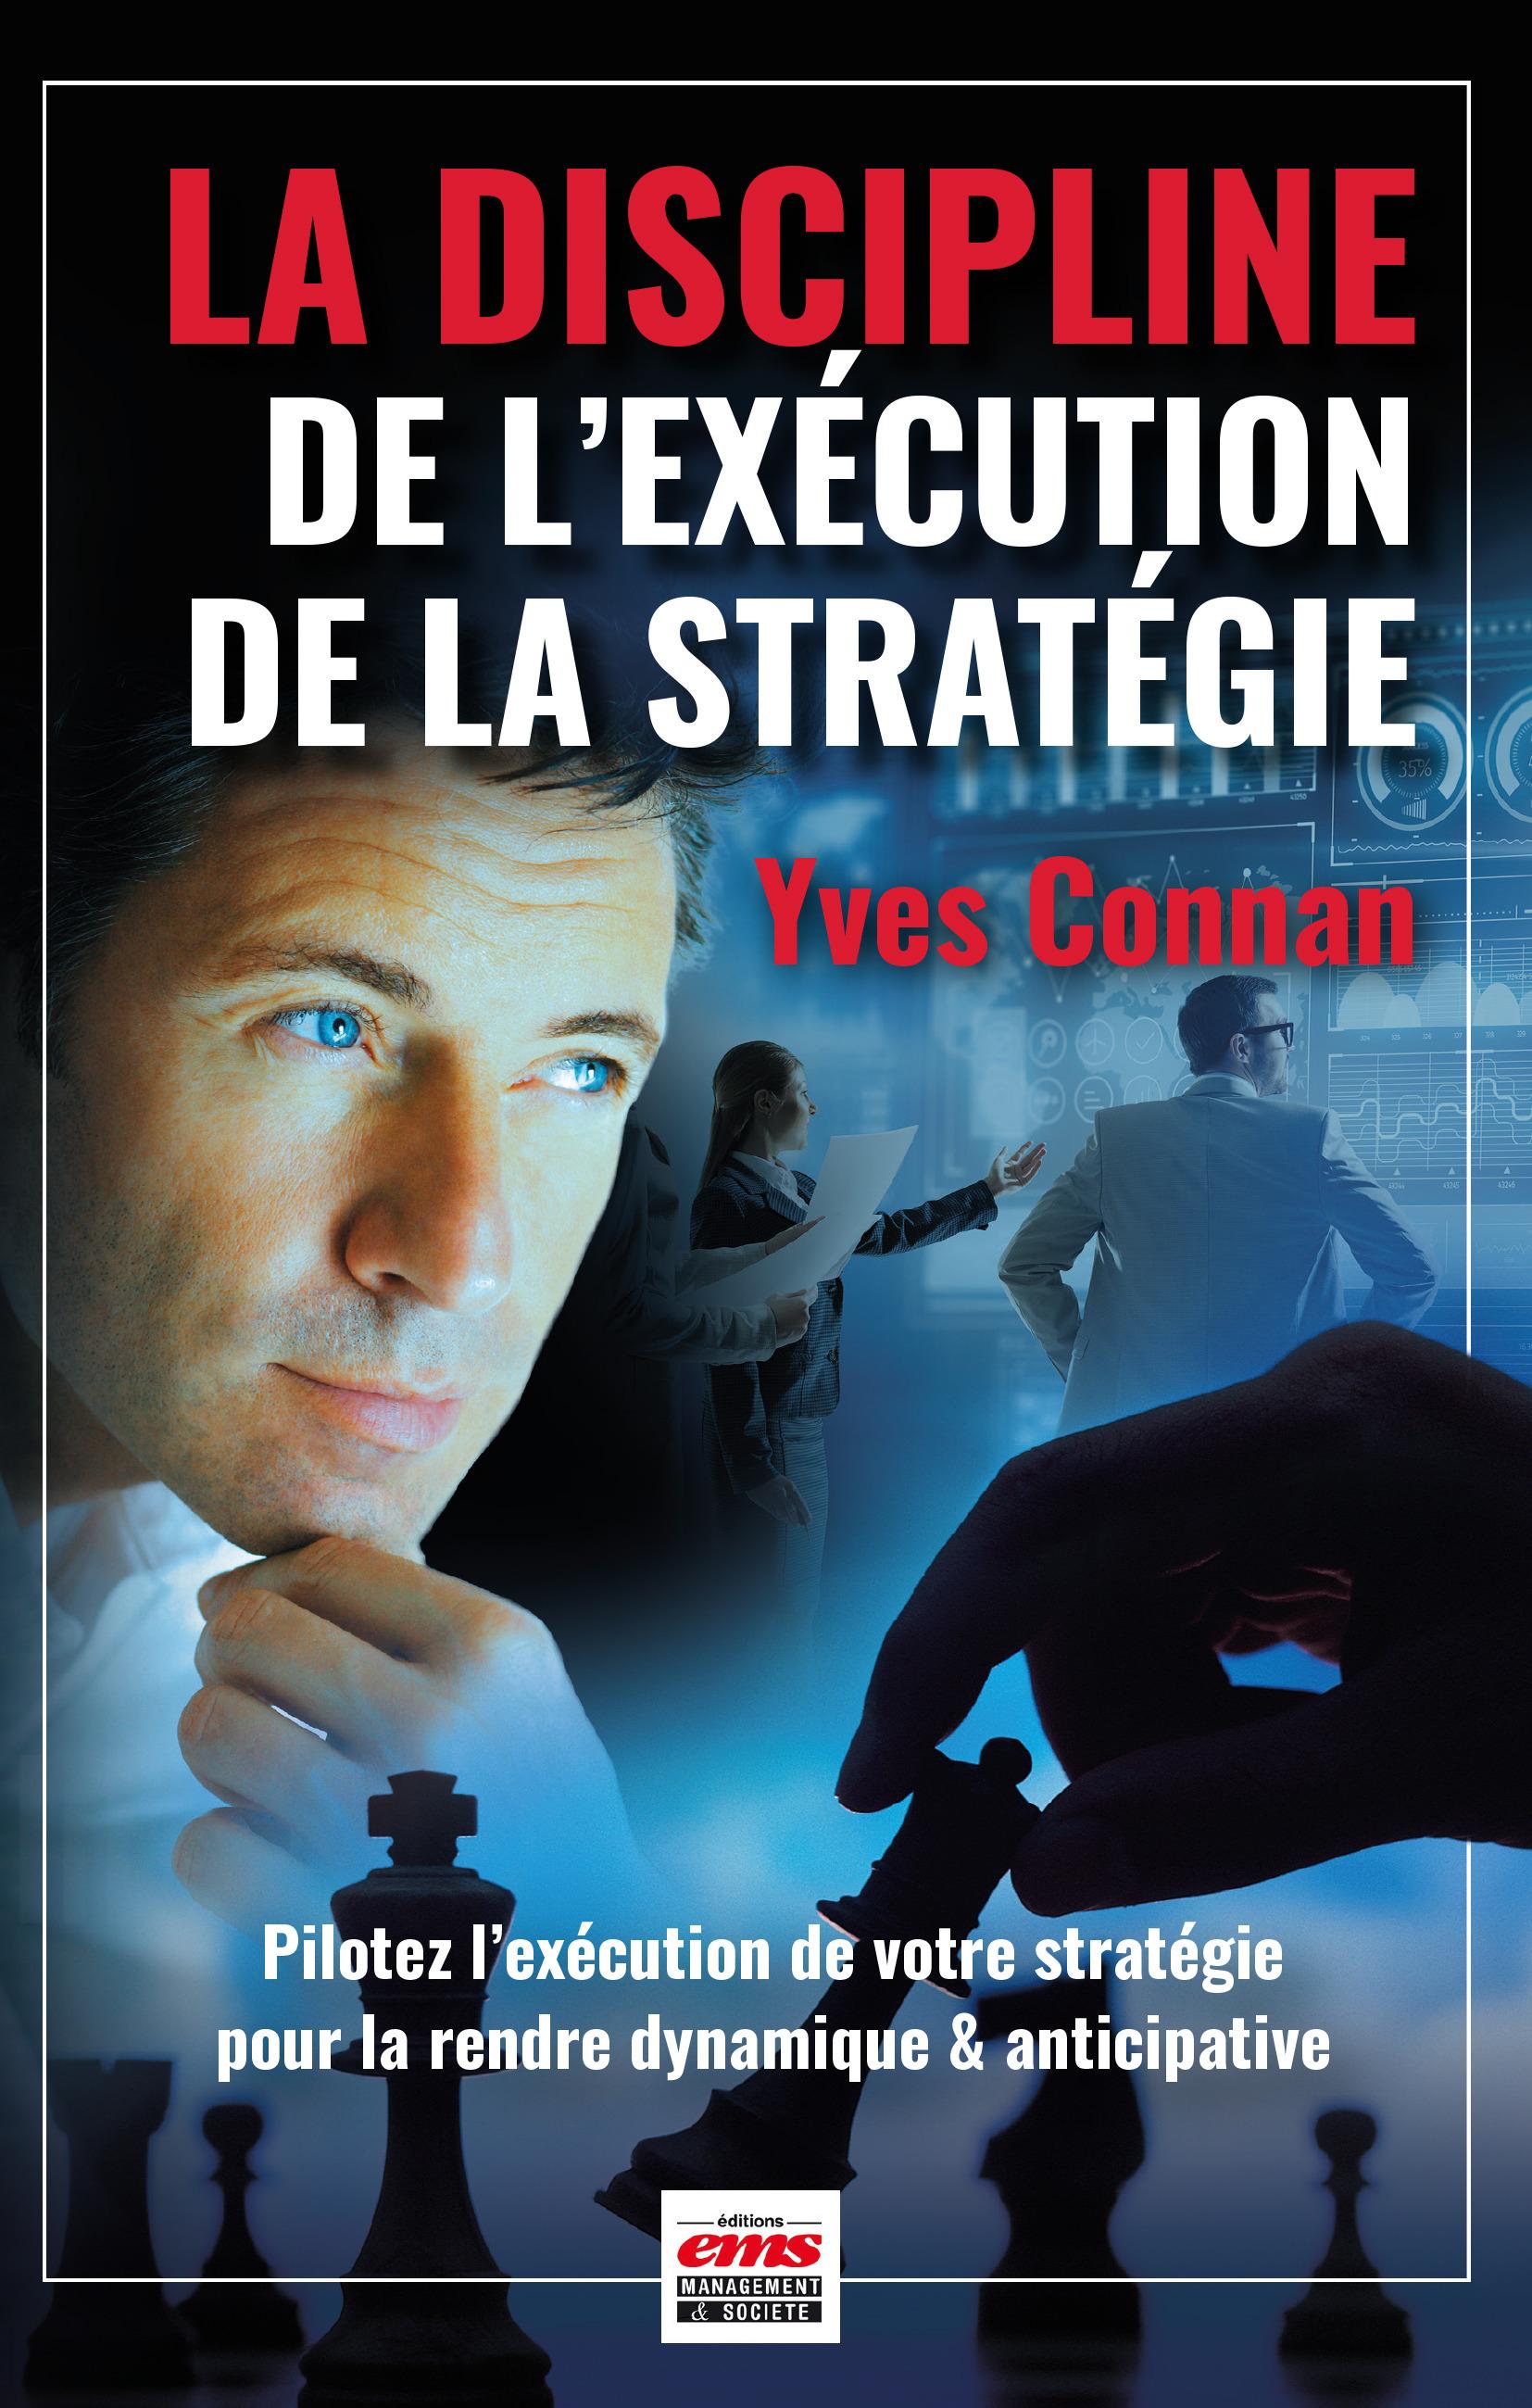 La discipline de l'exécution de la stratégie ; pilotez l'exécution de la stratégie pour la rendre dynamique et anticipative